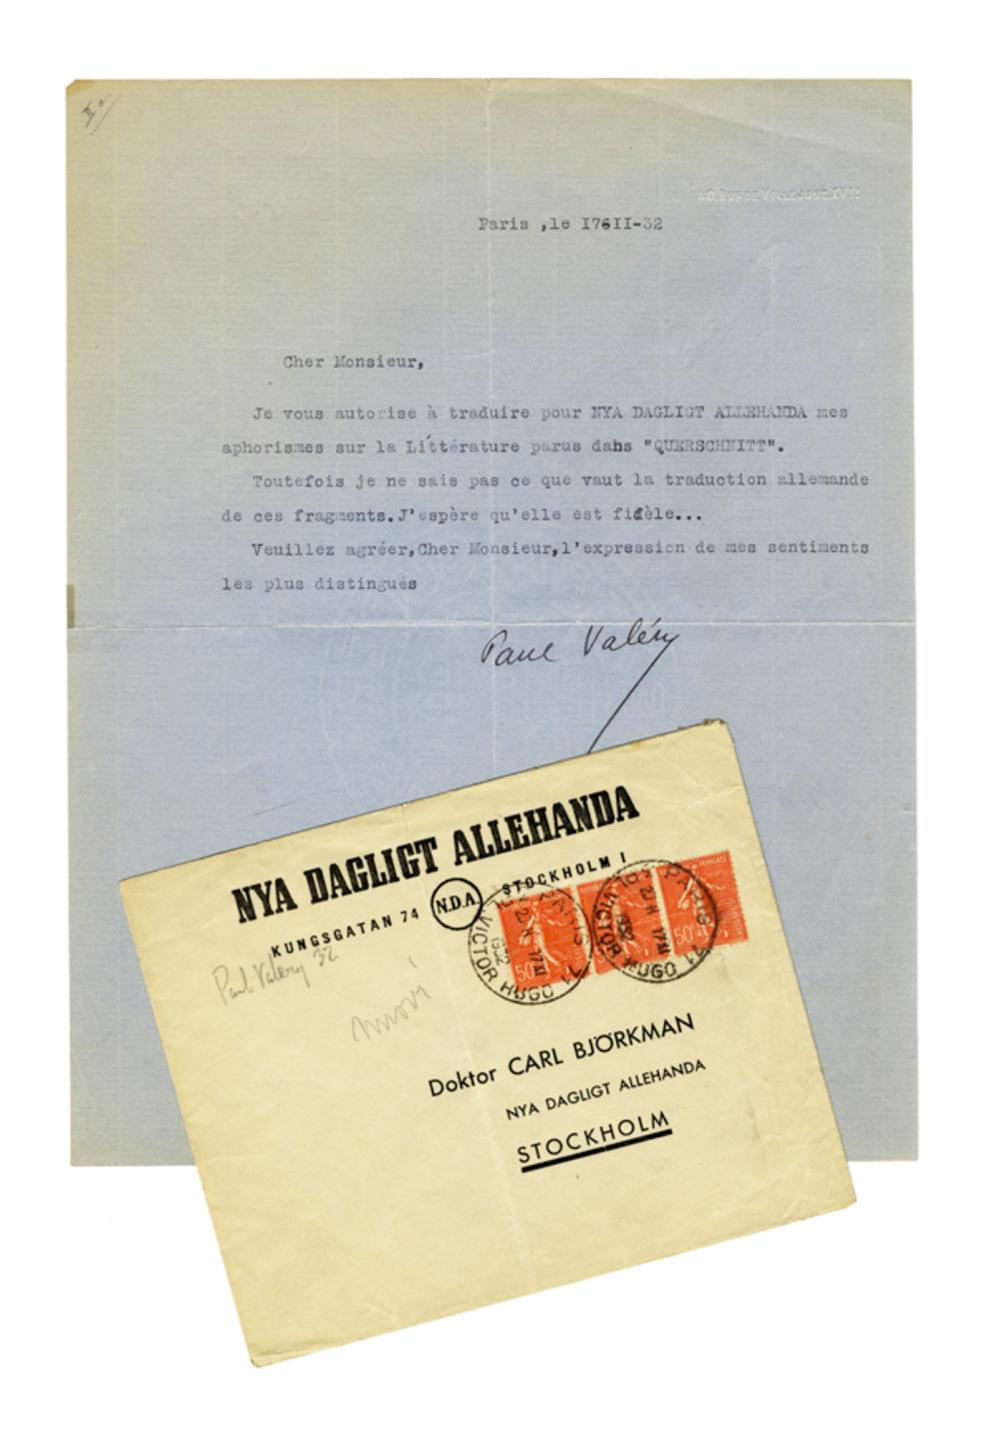 Valéry Paul, Lettera dattiloscritta con firma autografa inviata a Carl Bjorkman. Datata 17 febbraio 1932